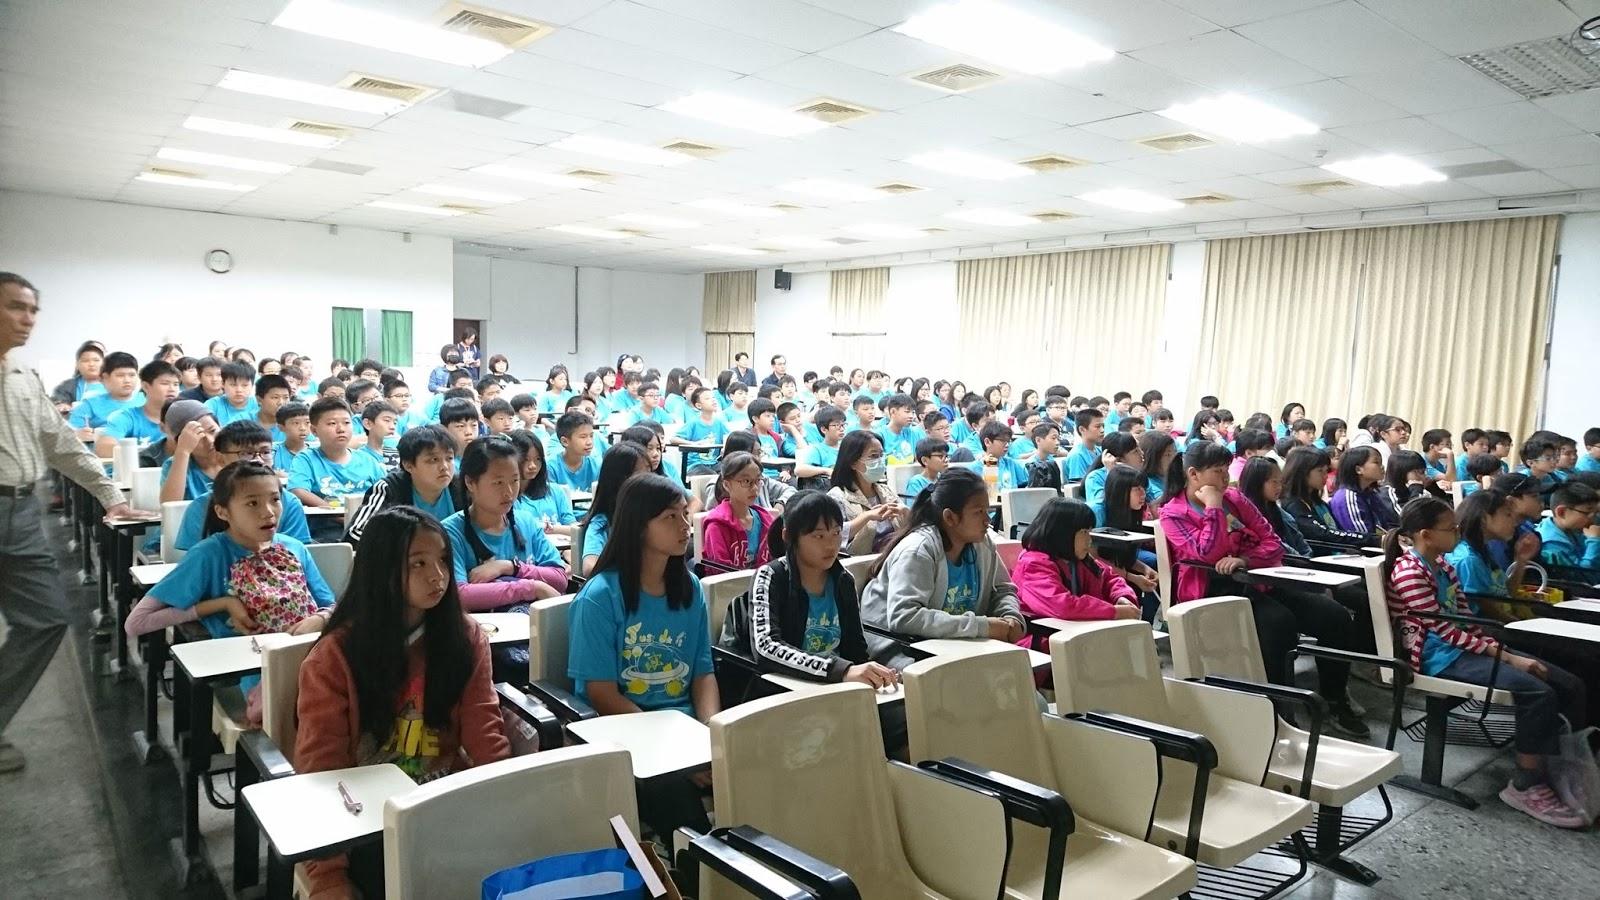 同學專心聆聽升學資訊